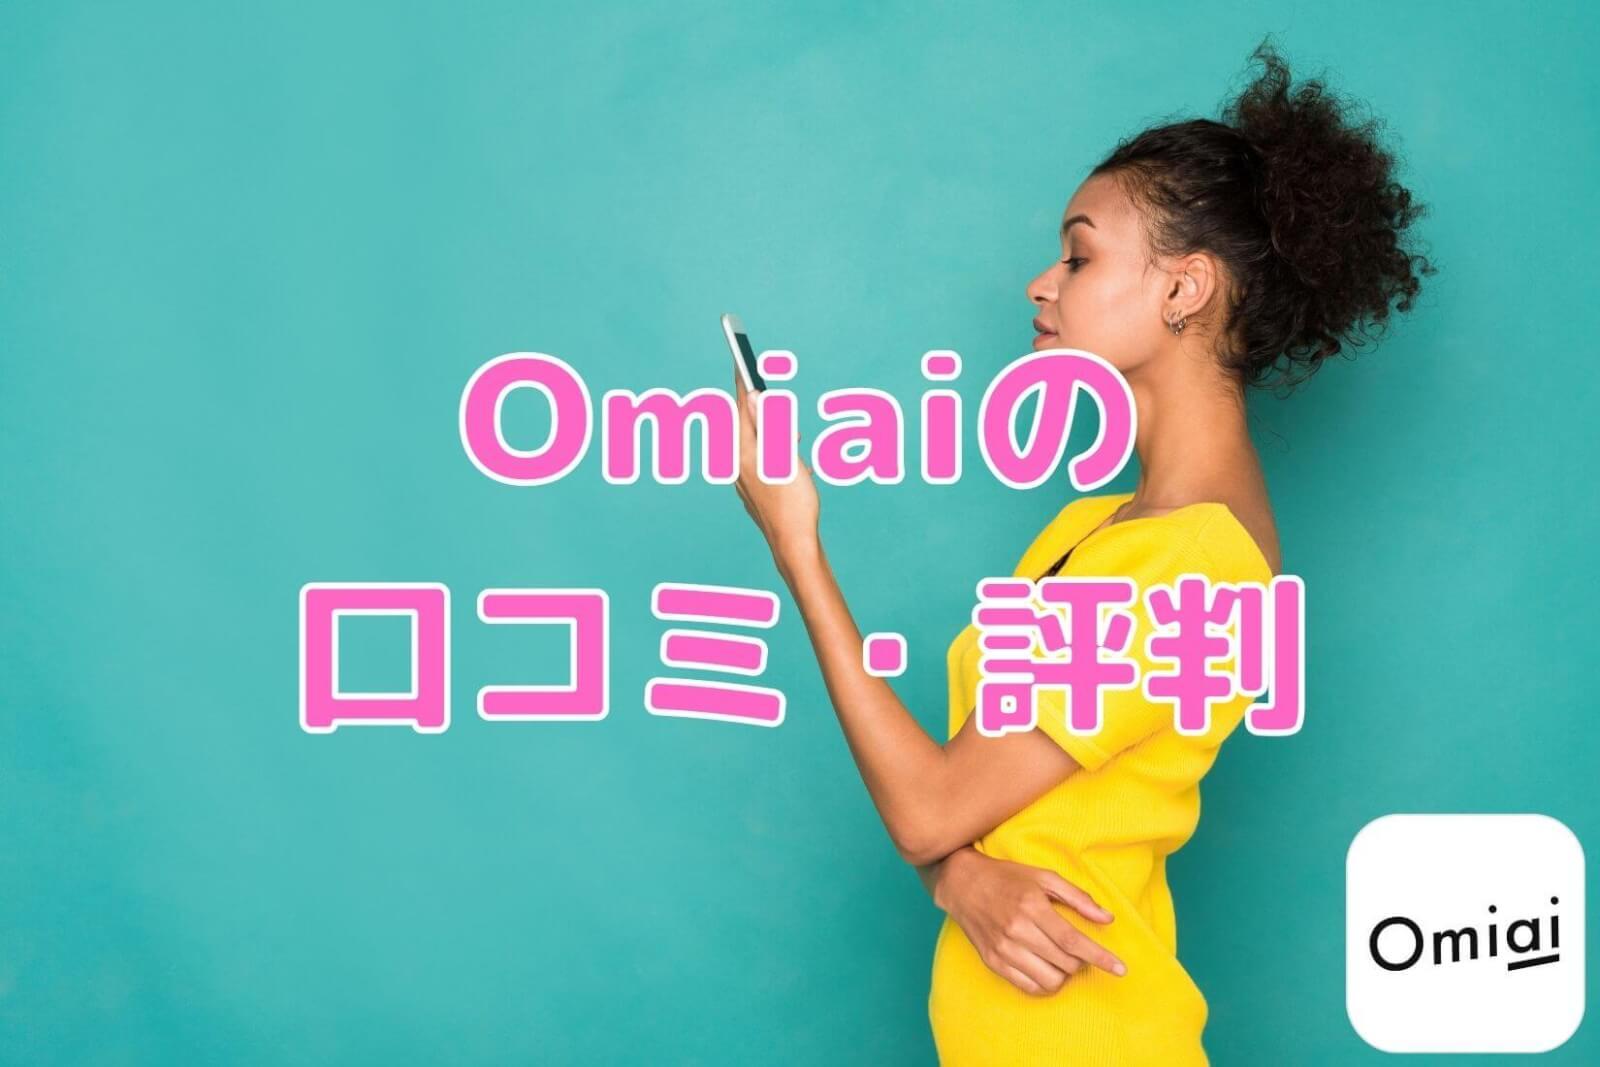 Omiai(オミアイ)の口コミ&評判